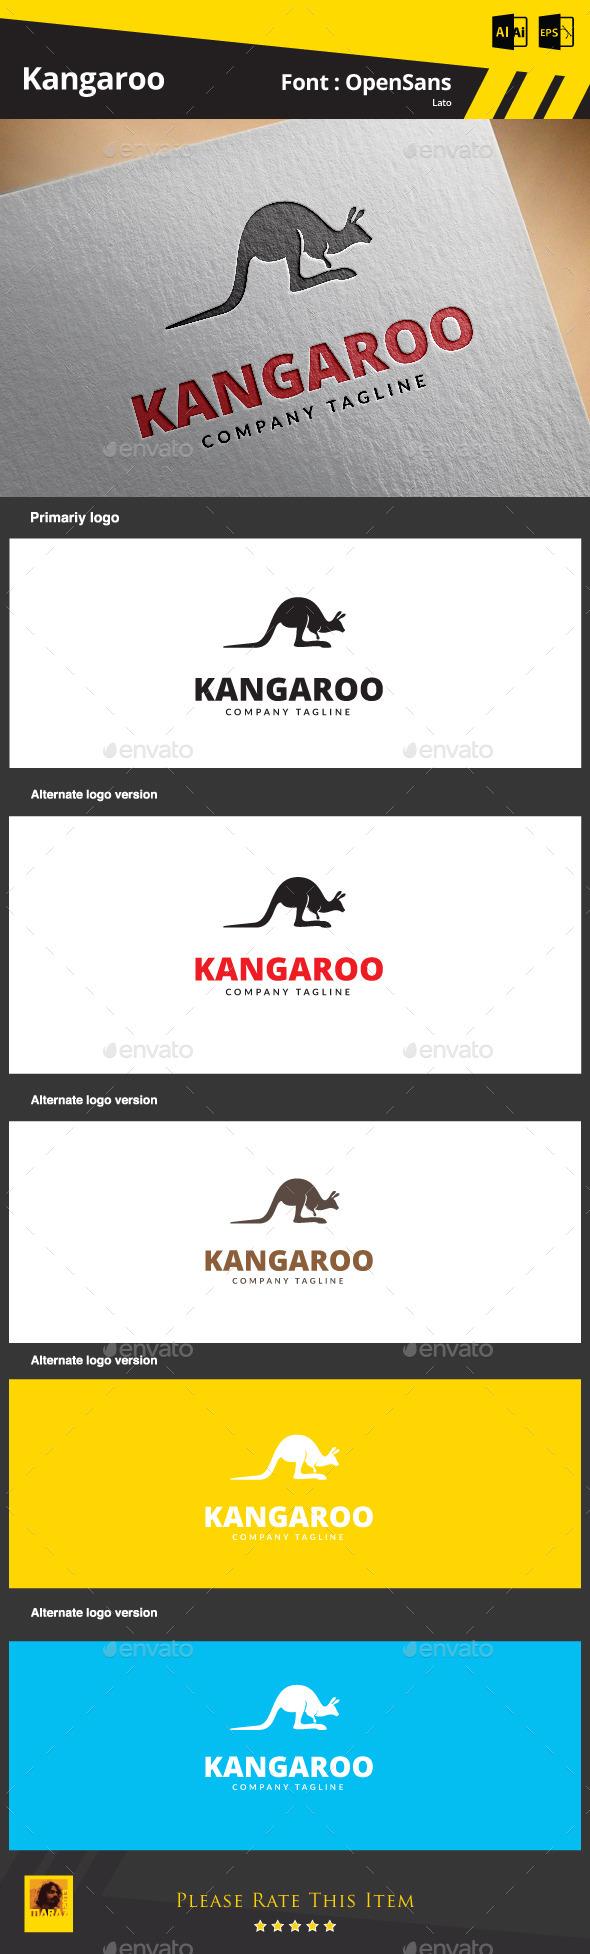 GraphicRiver Kangaroo Logo 9204061